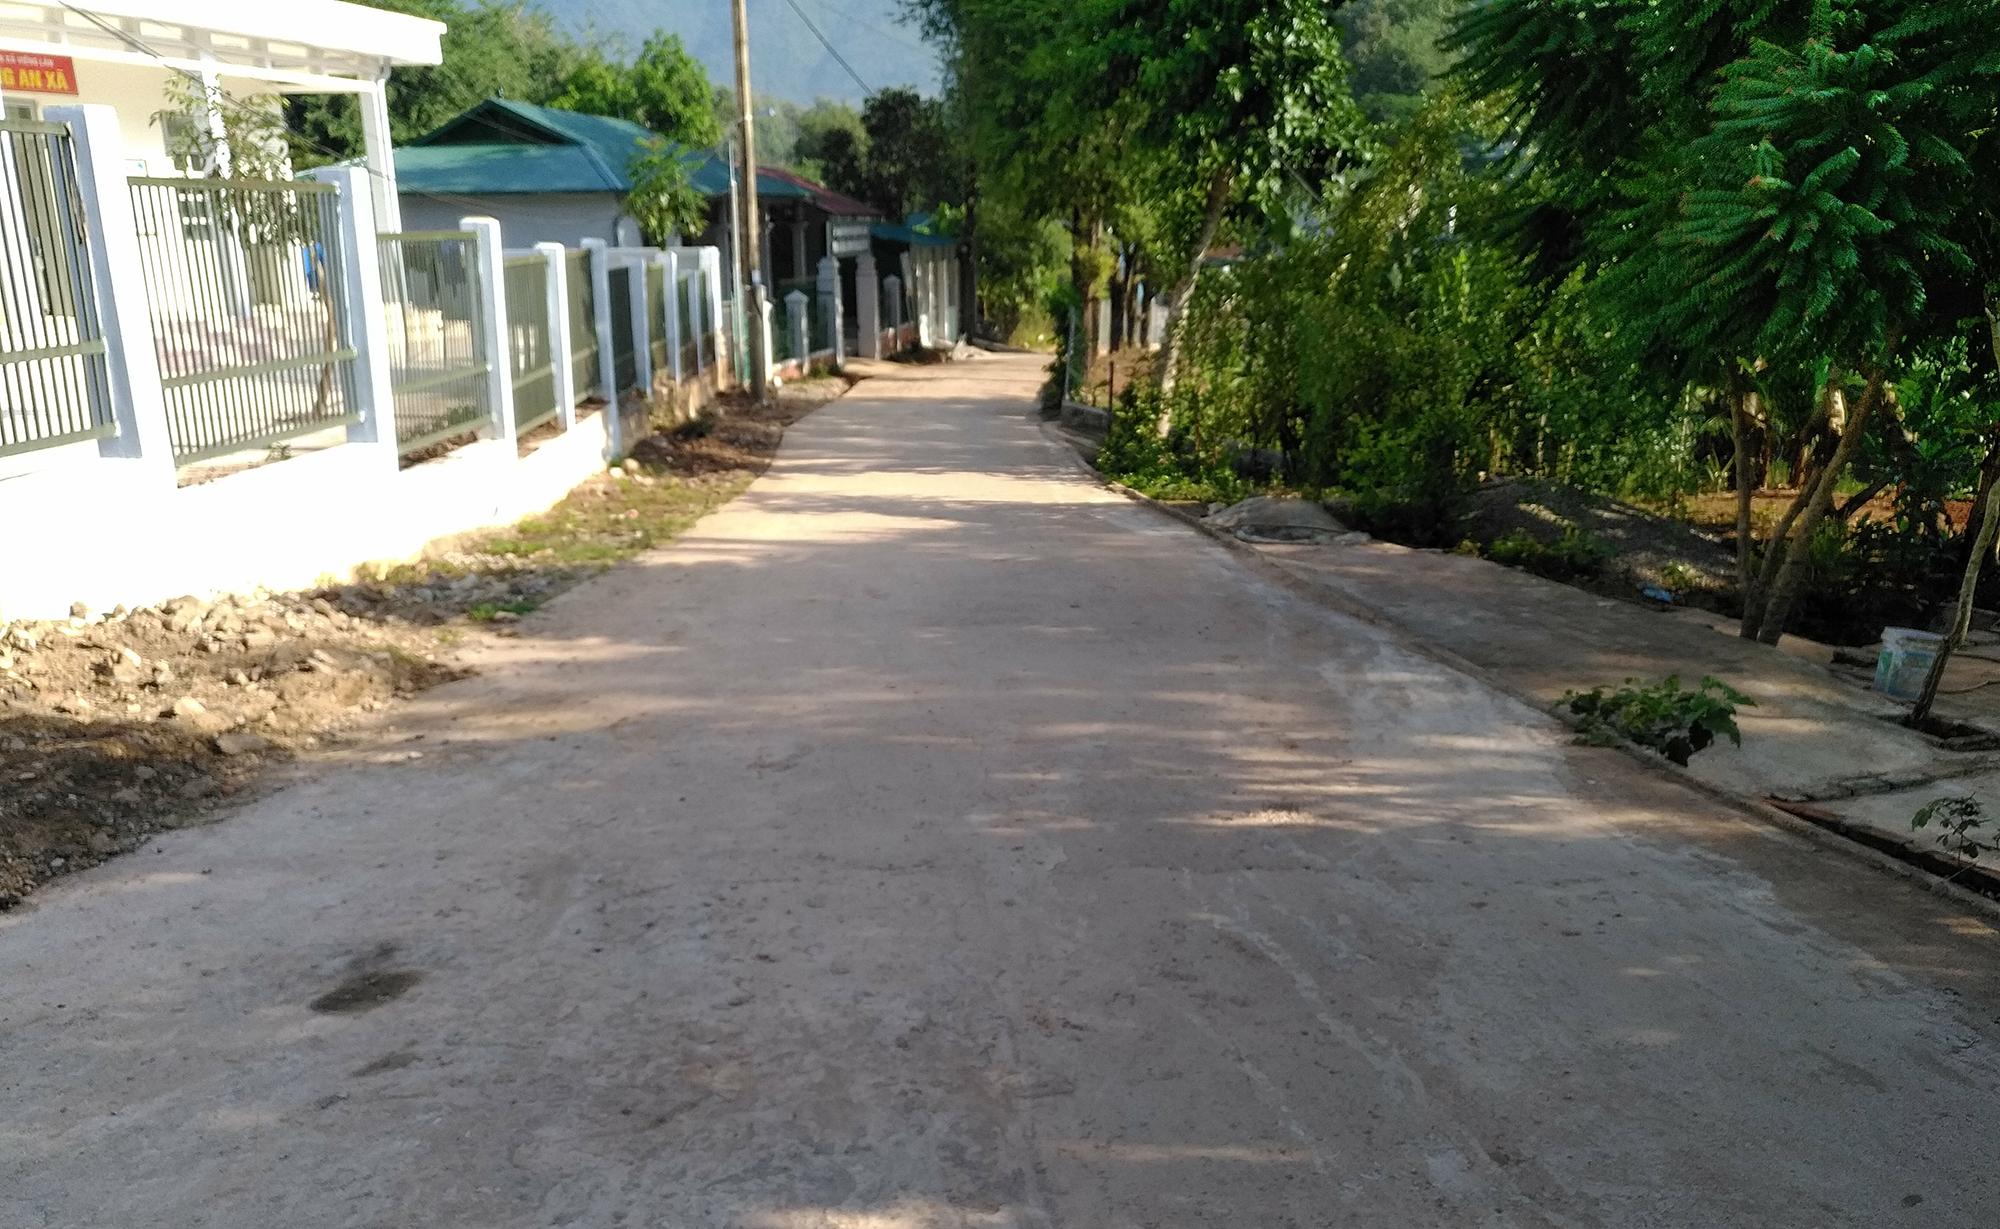 Đường giao thông bản Mường Vạt từng lầy lội khó đi, nay đã được bê tông hóa, đảm bảo đi lại thuận tiện 4 mùa.